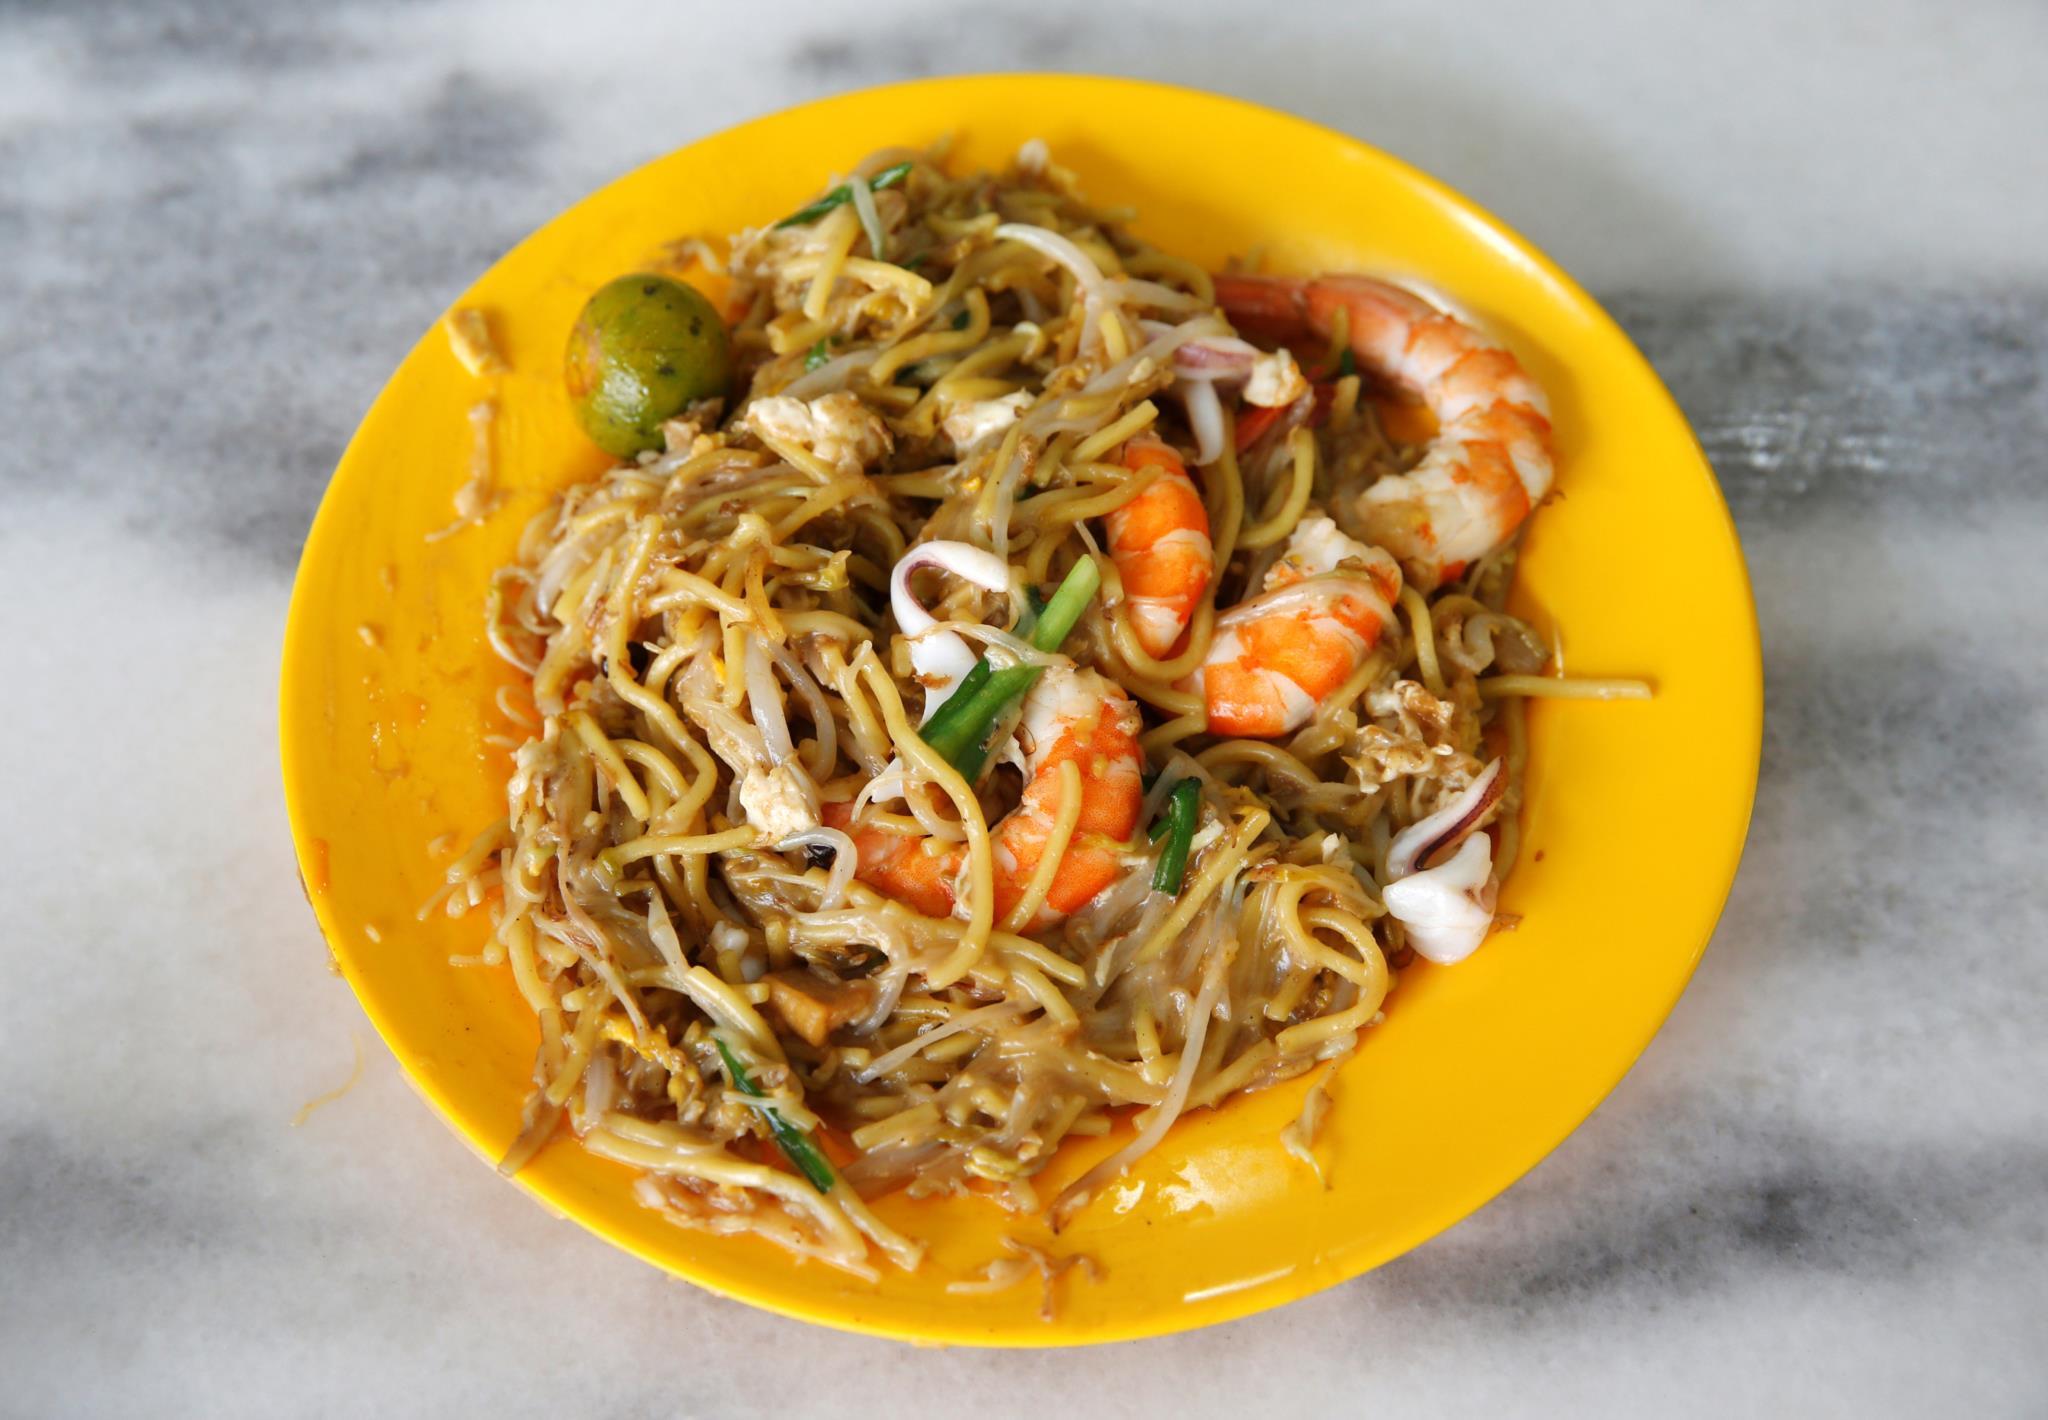 Um prato de <i>hokkien mee</i>, massa salteada com camarão, custa cerca de 4 euros